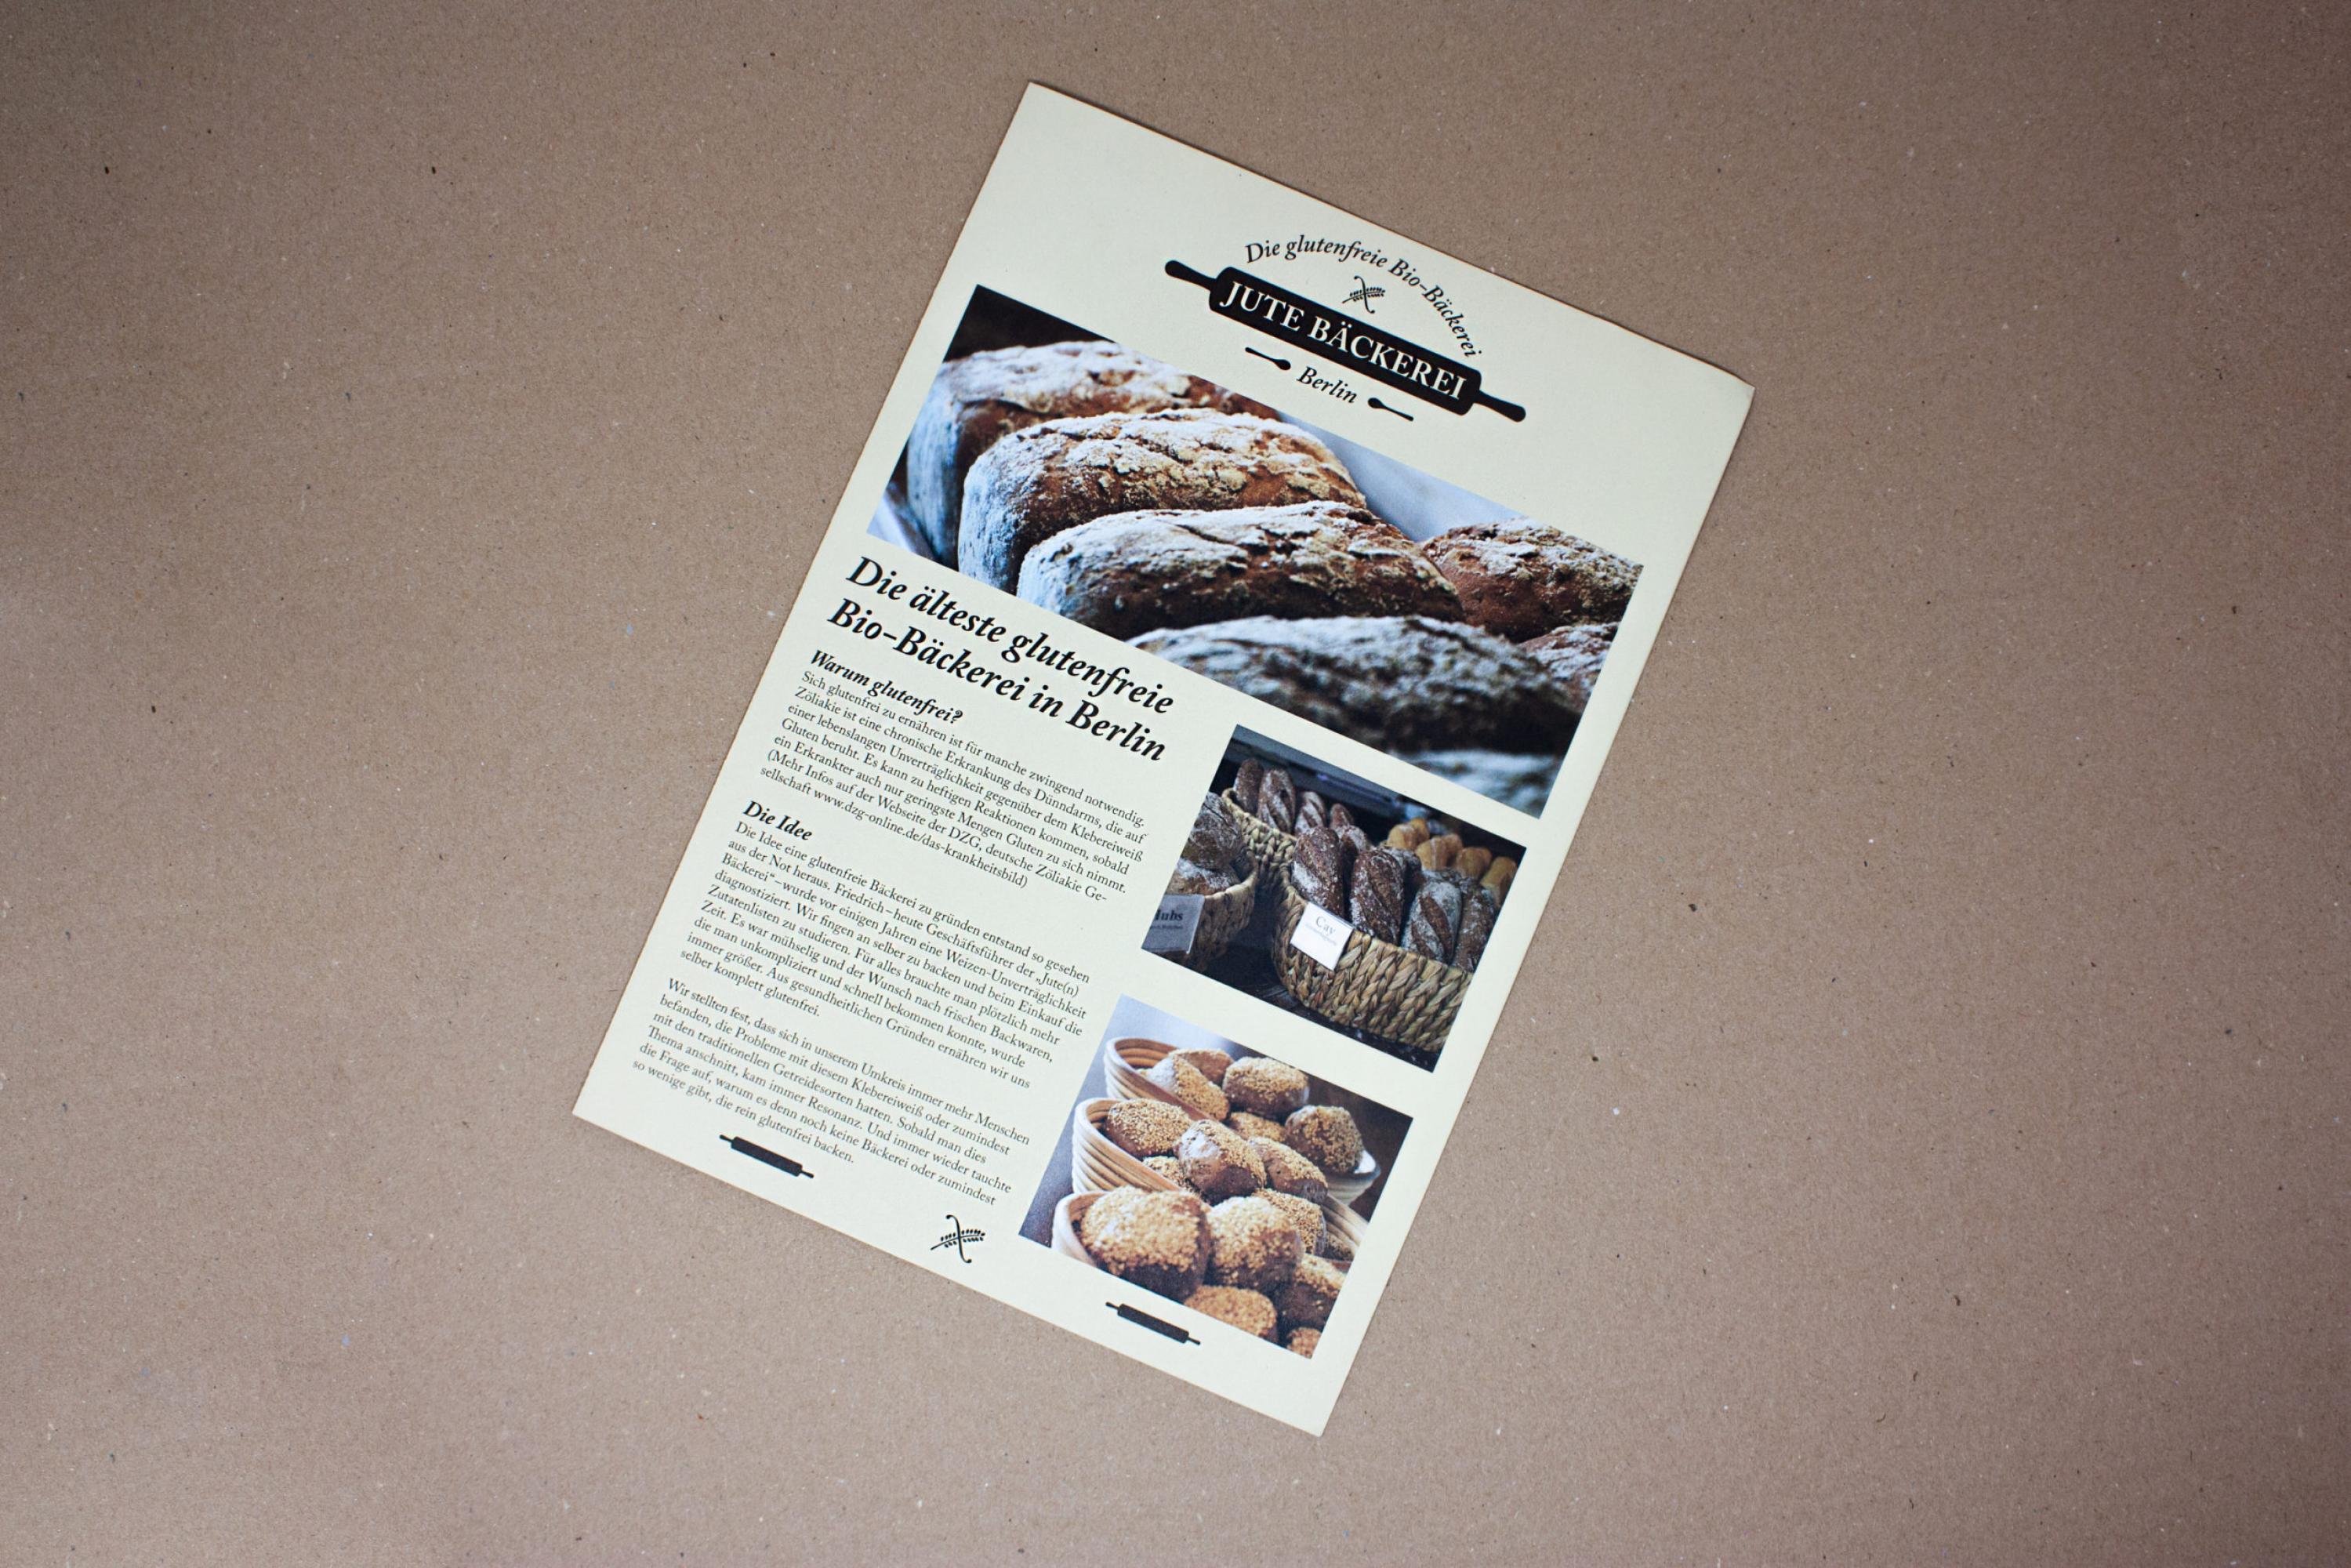 -jute-baeckerei-print-design-2